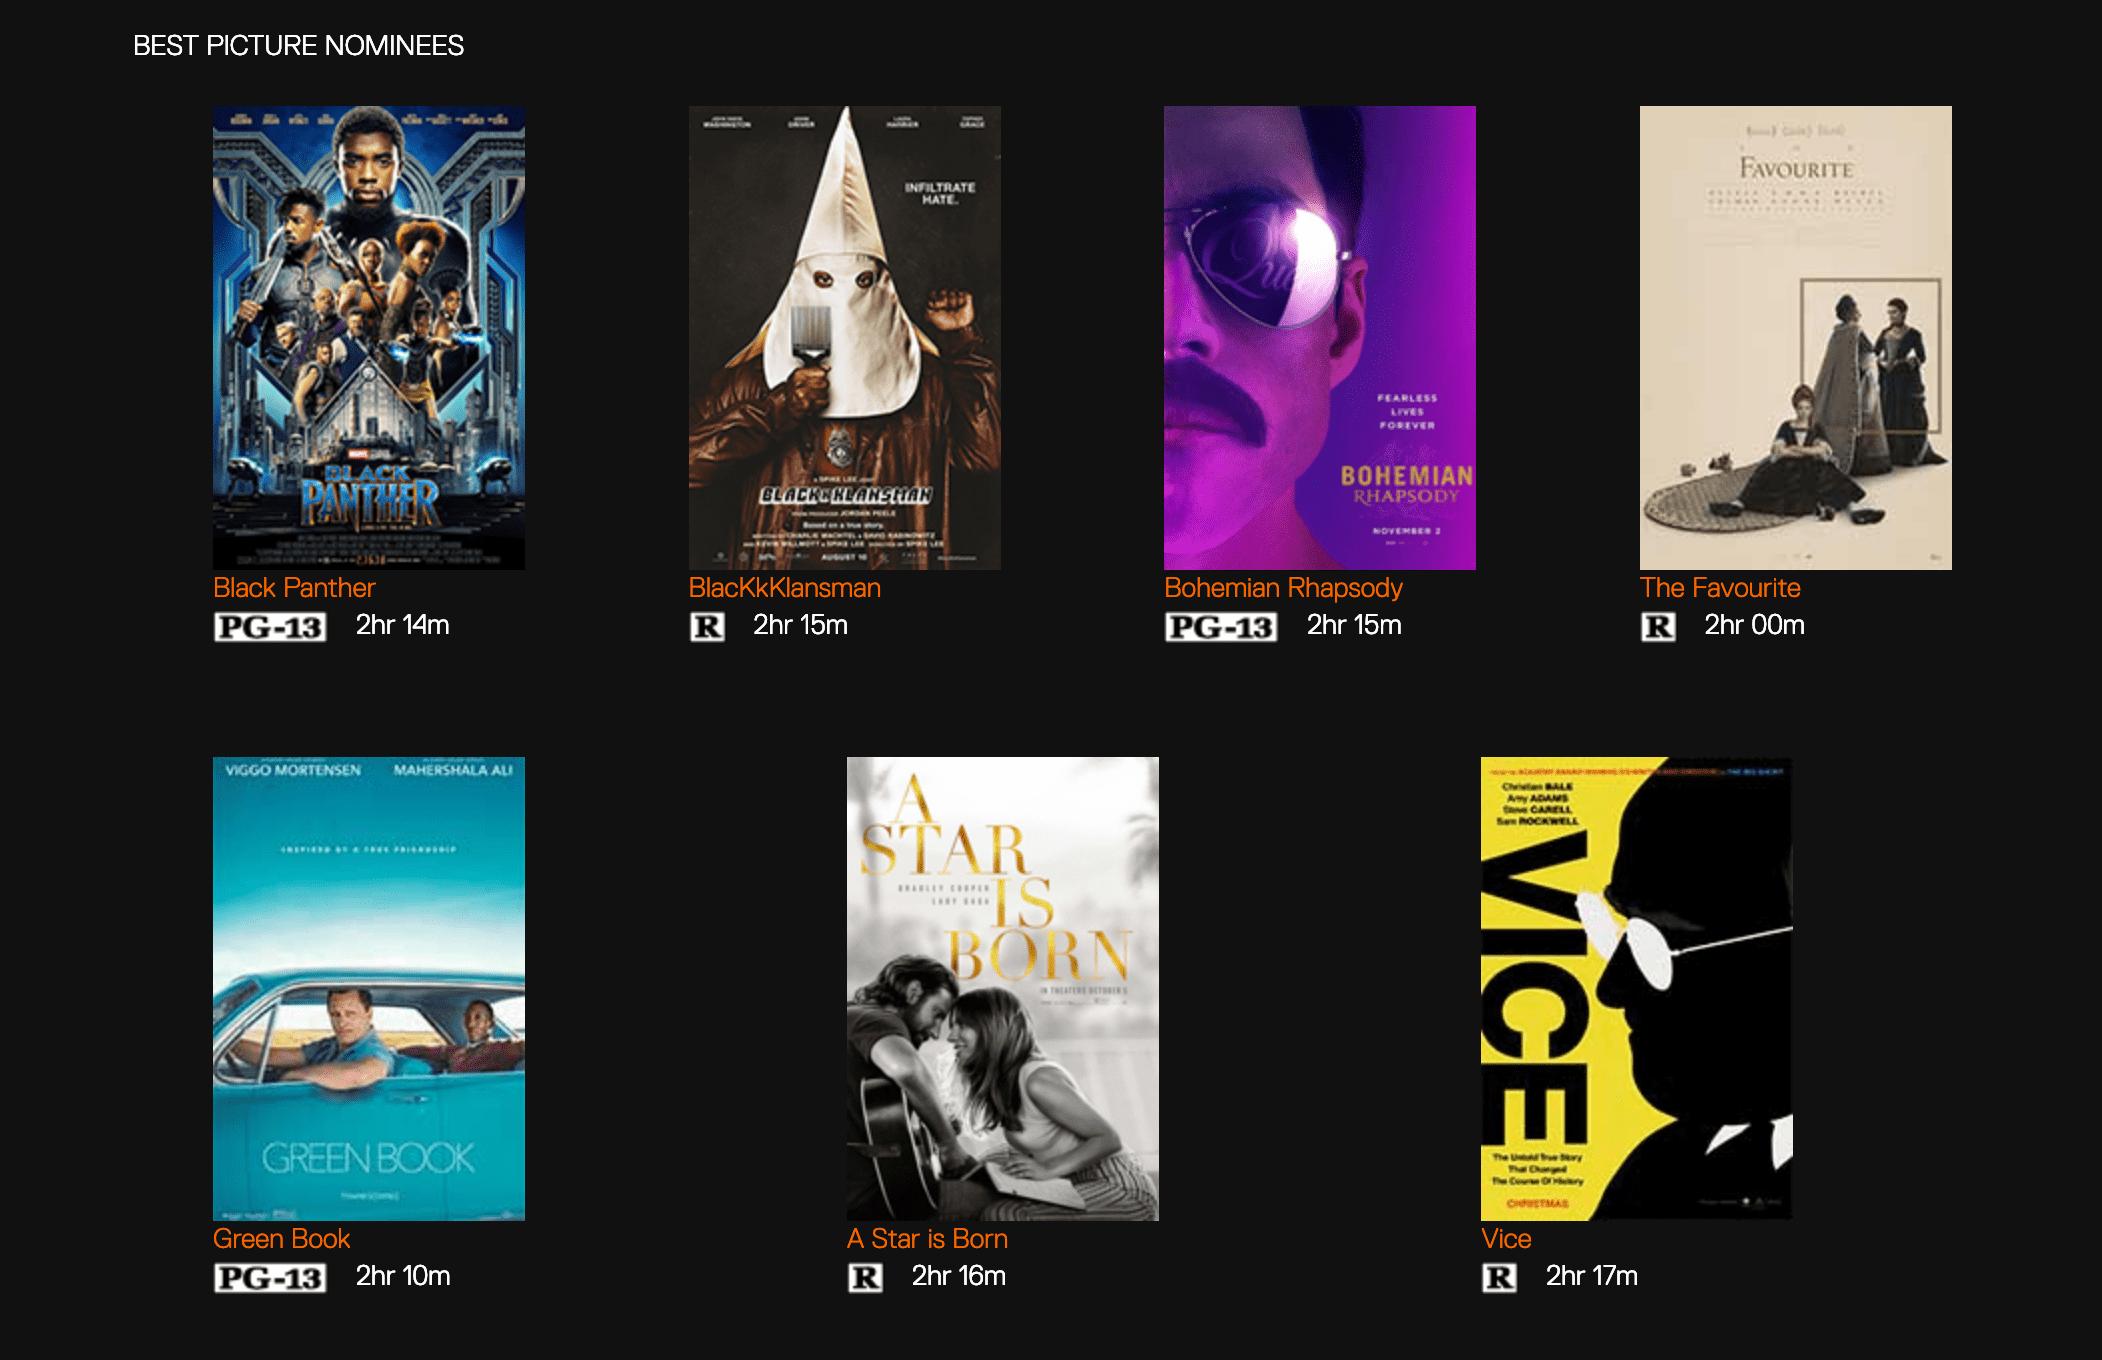 Regal Movie Ticket Discounts